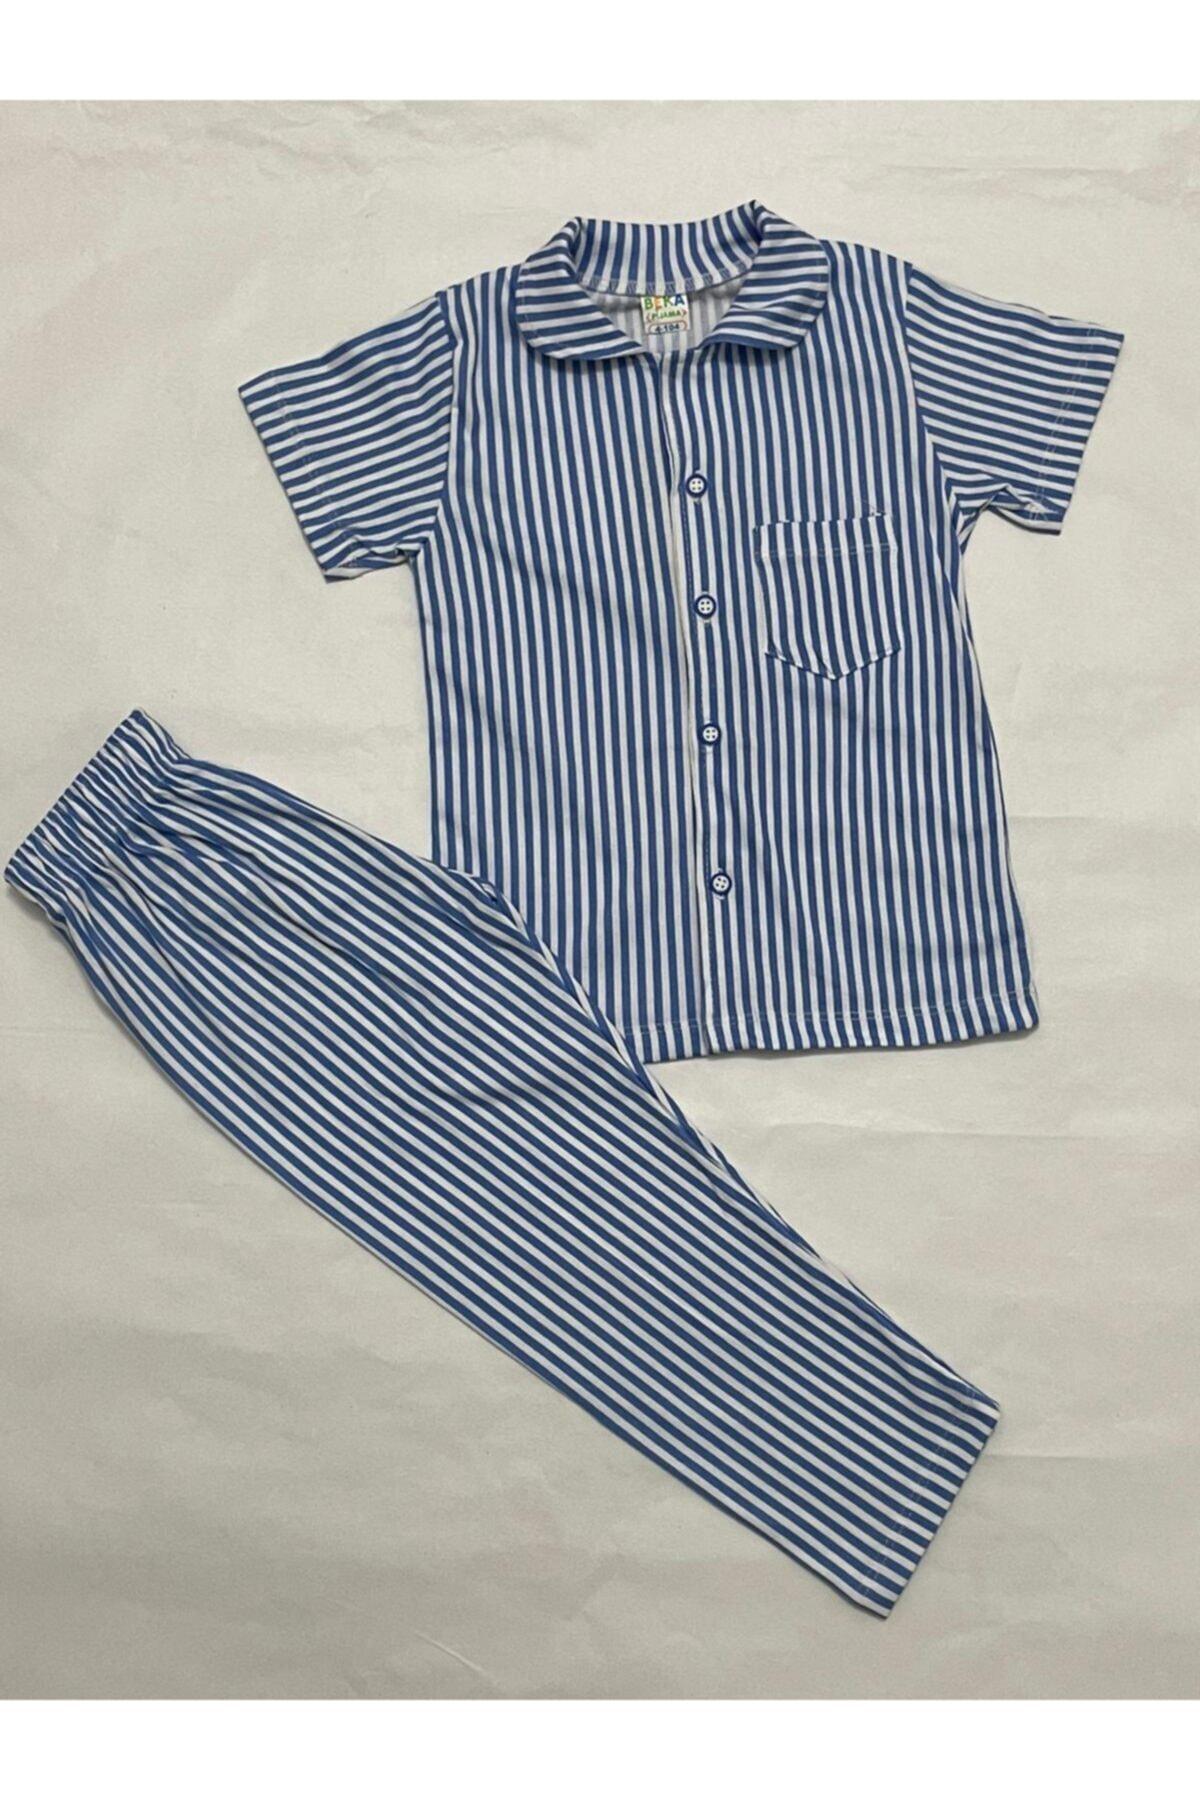 فروش پستی ست راحتی دخترانه شیک جدید برند Magnolya Giyim رنگ آبی کد ty93606384